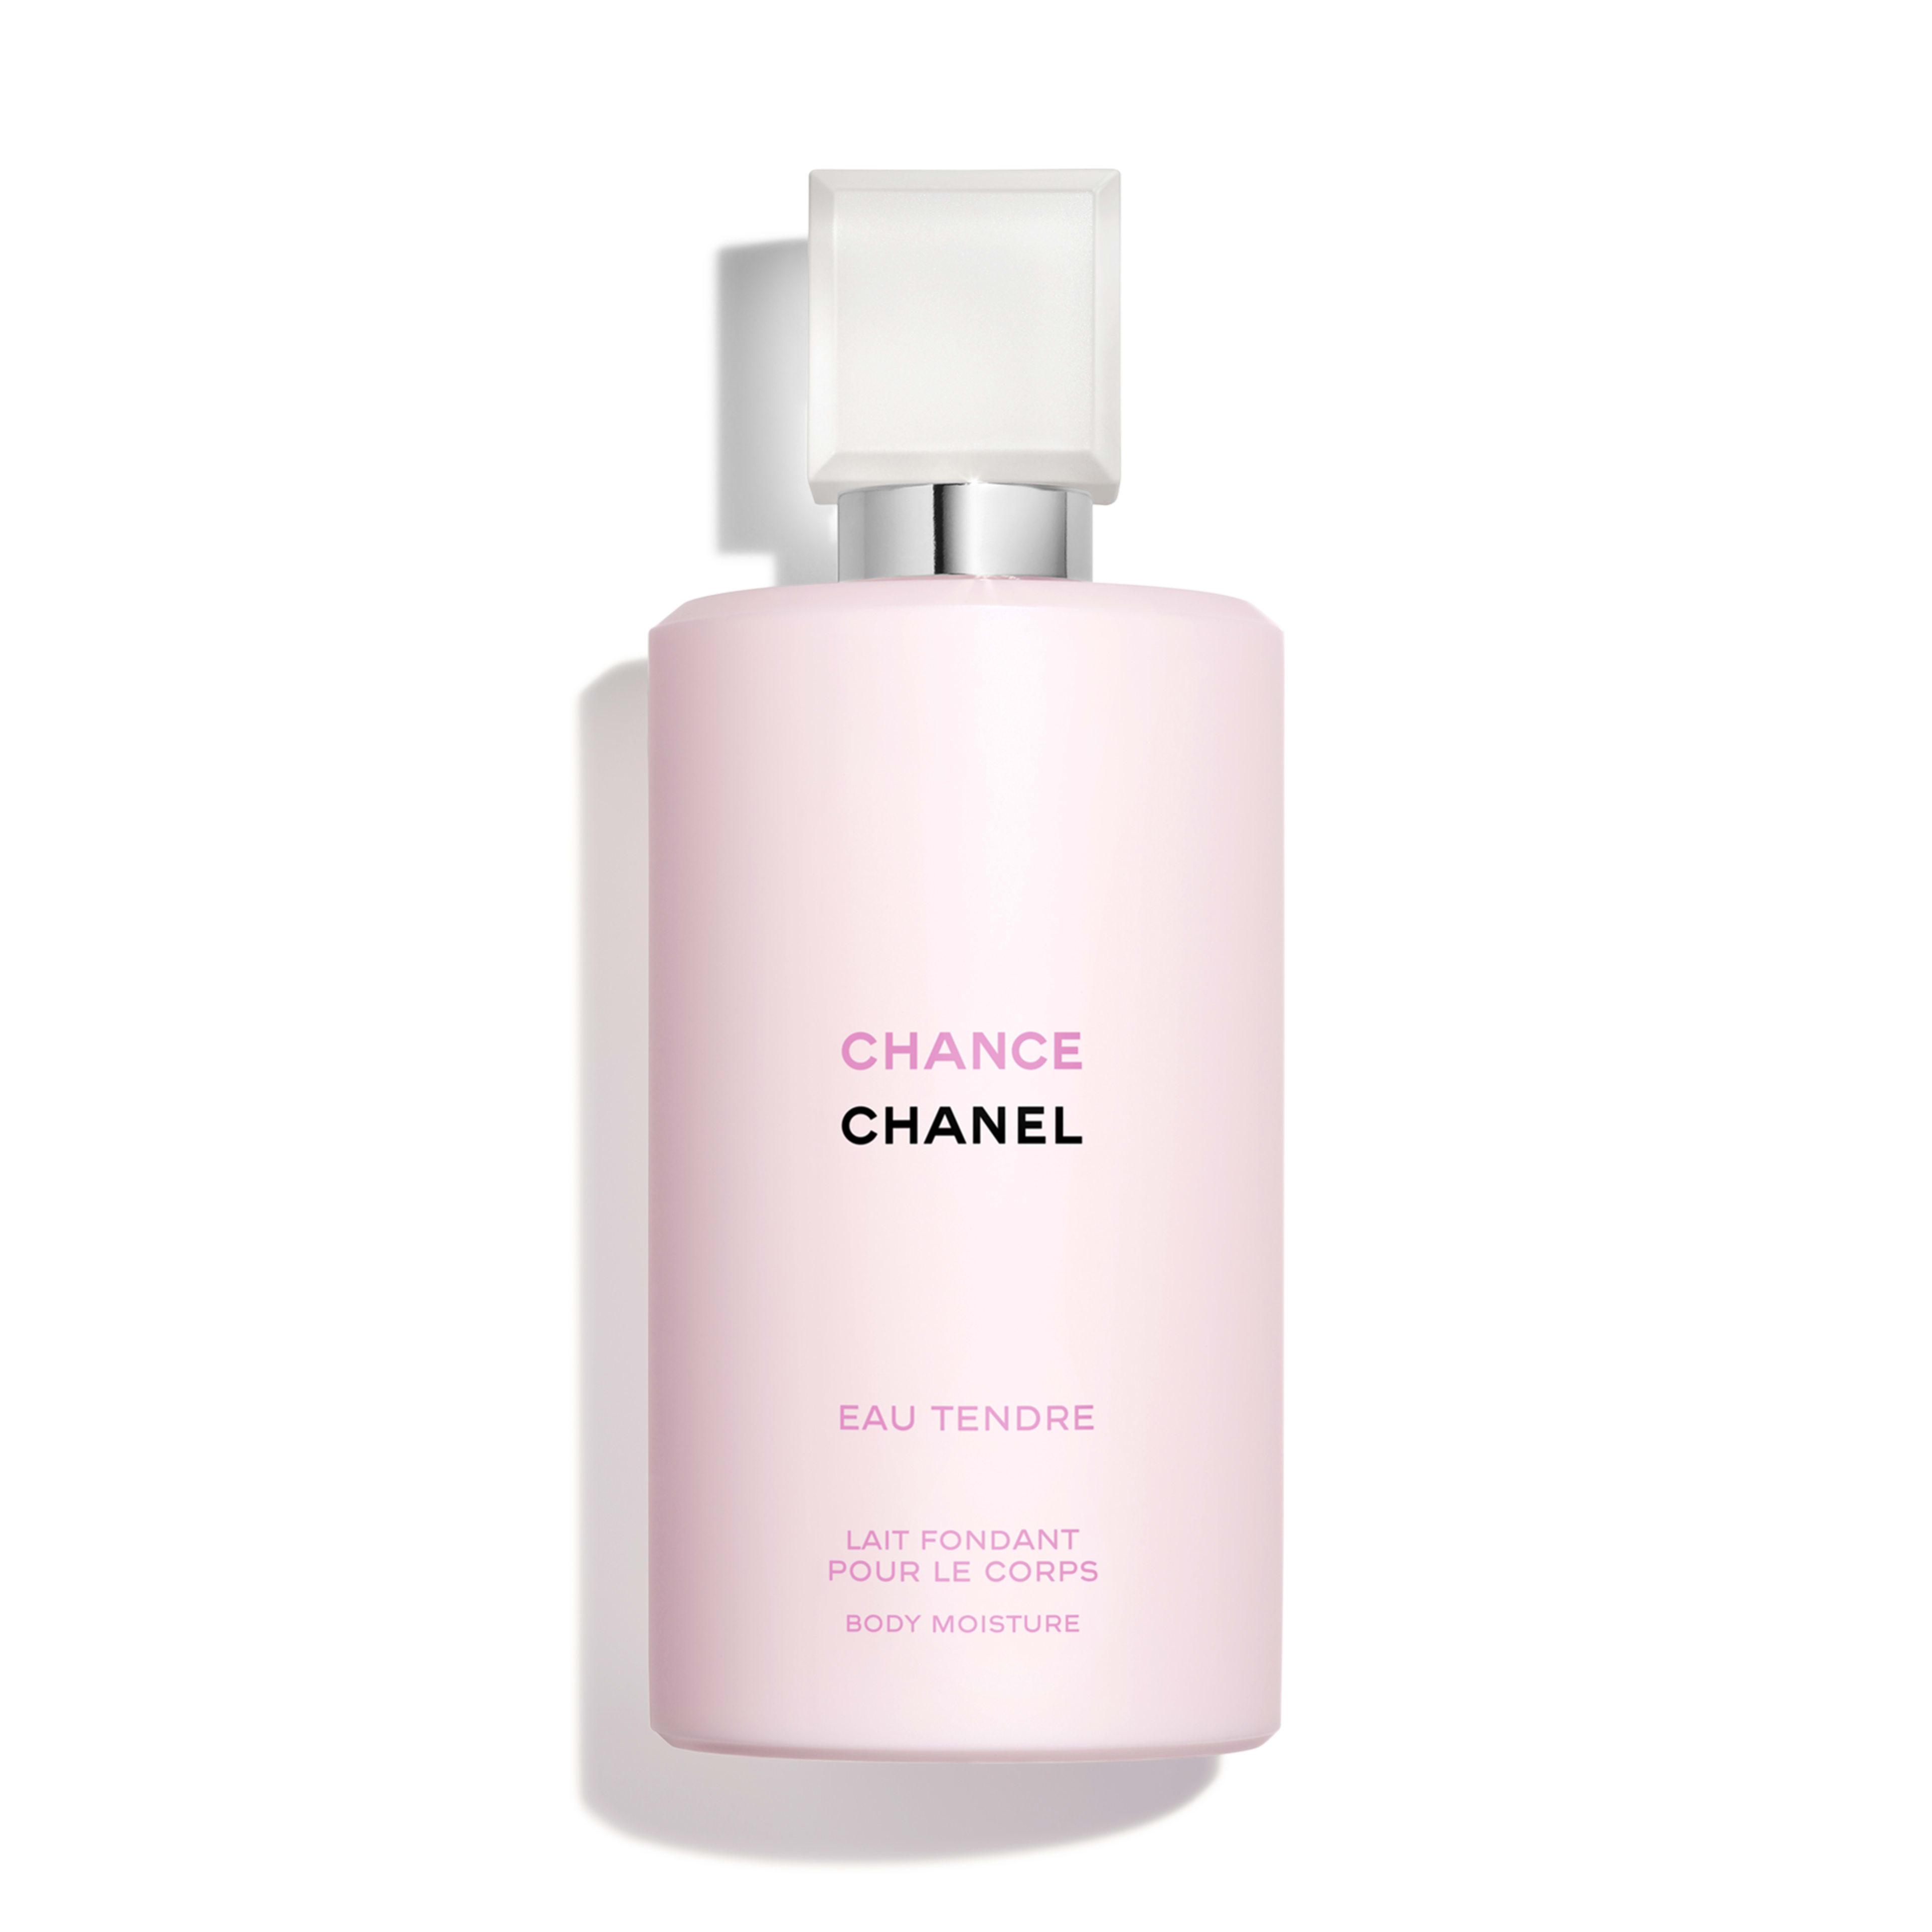 CHANCE EAU TENDRE - fragrance - 200ml - Default view